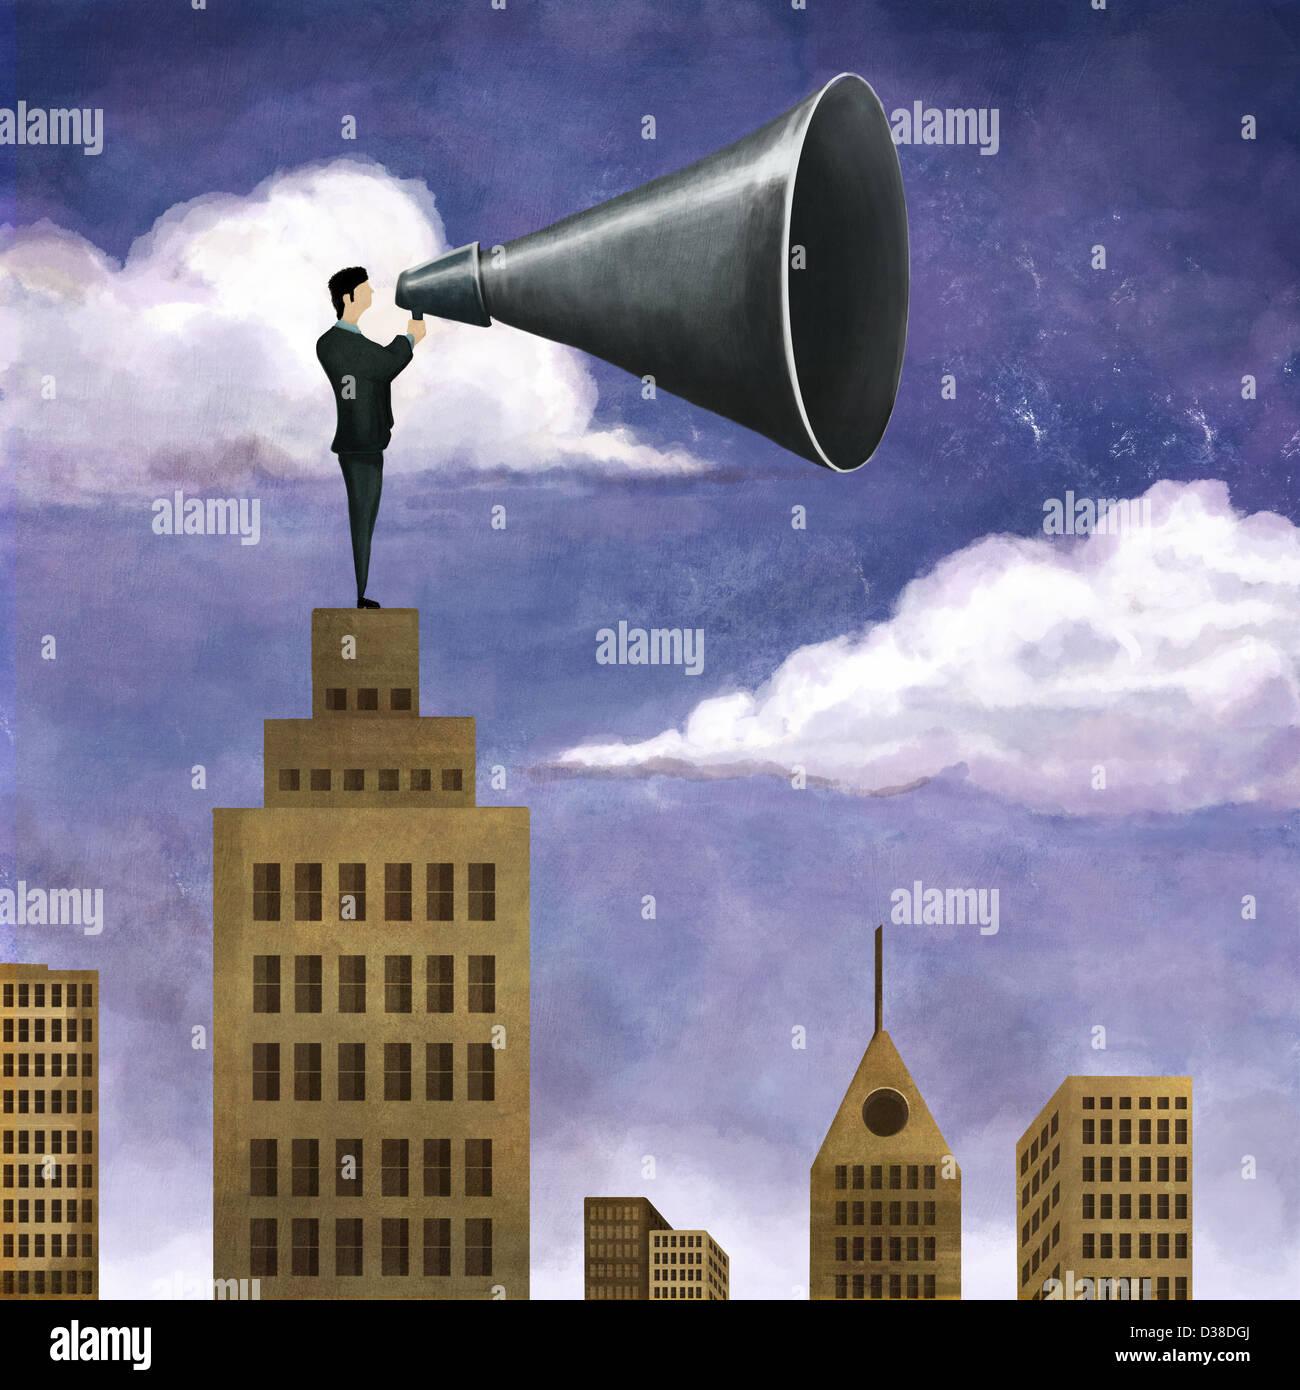 Immagine illustrativa di imprenditore sulla sommità dell'edificio contenente mega telefono che rappresentano Immagini Stock